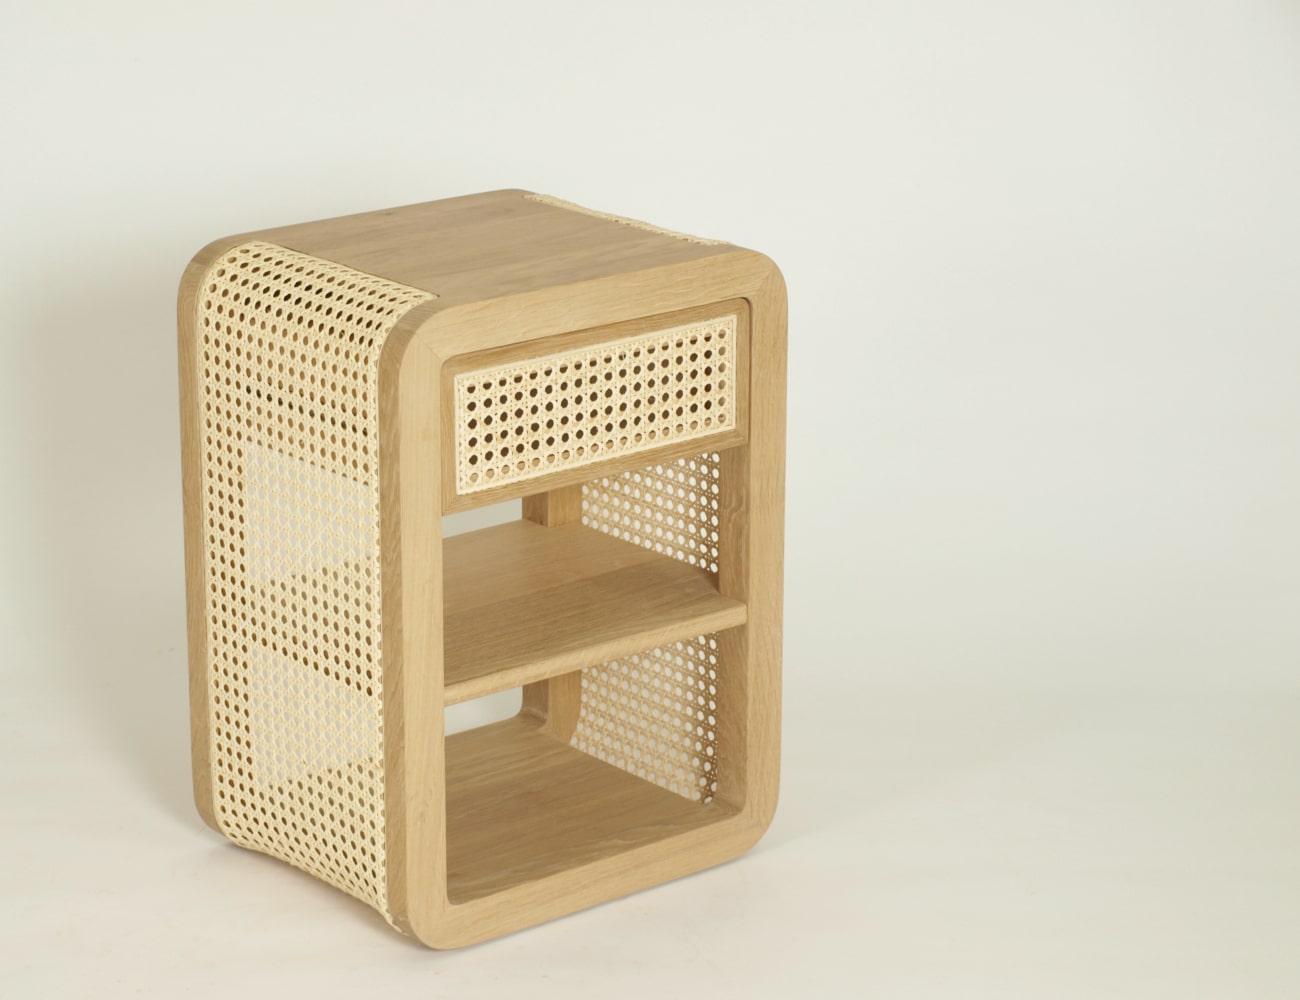 Nachttisch aus Holz und Rattan